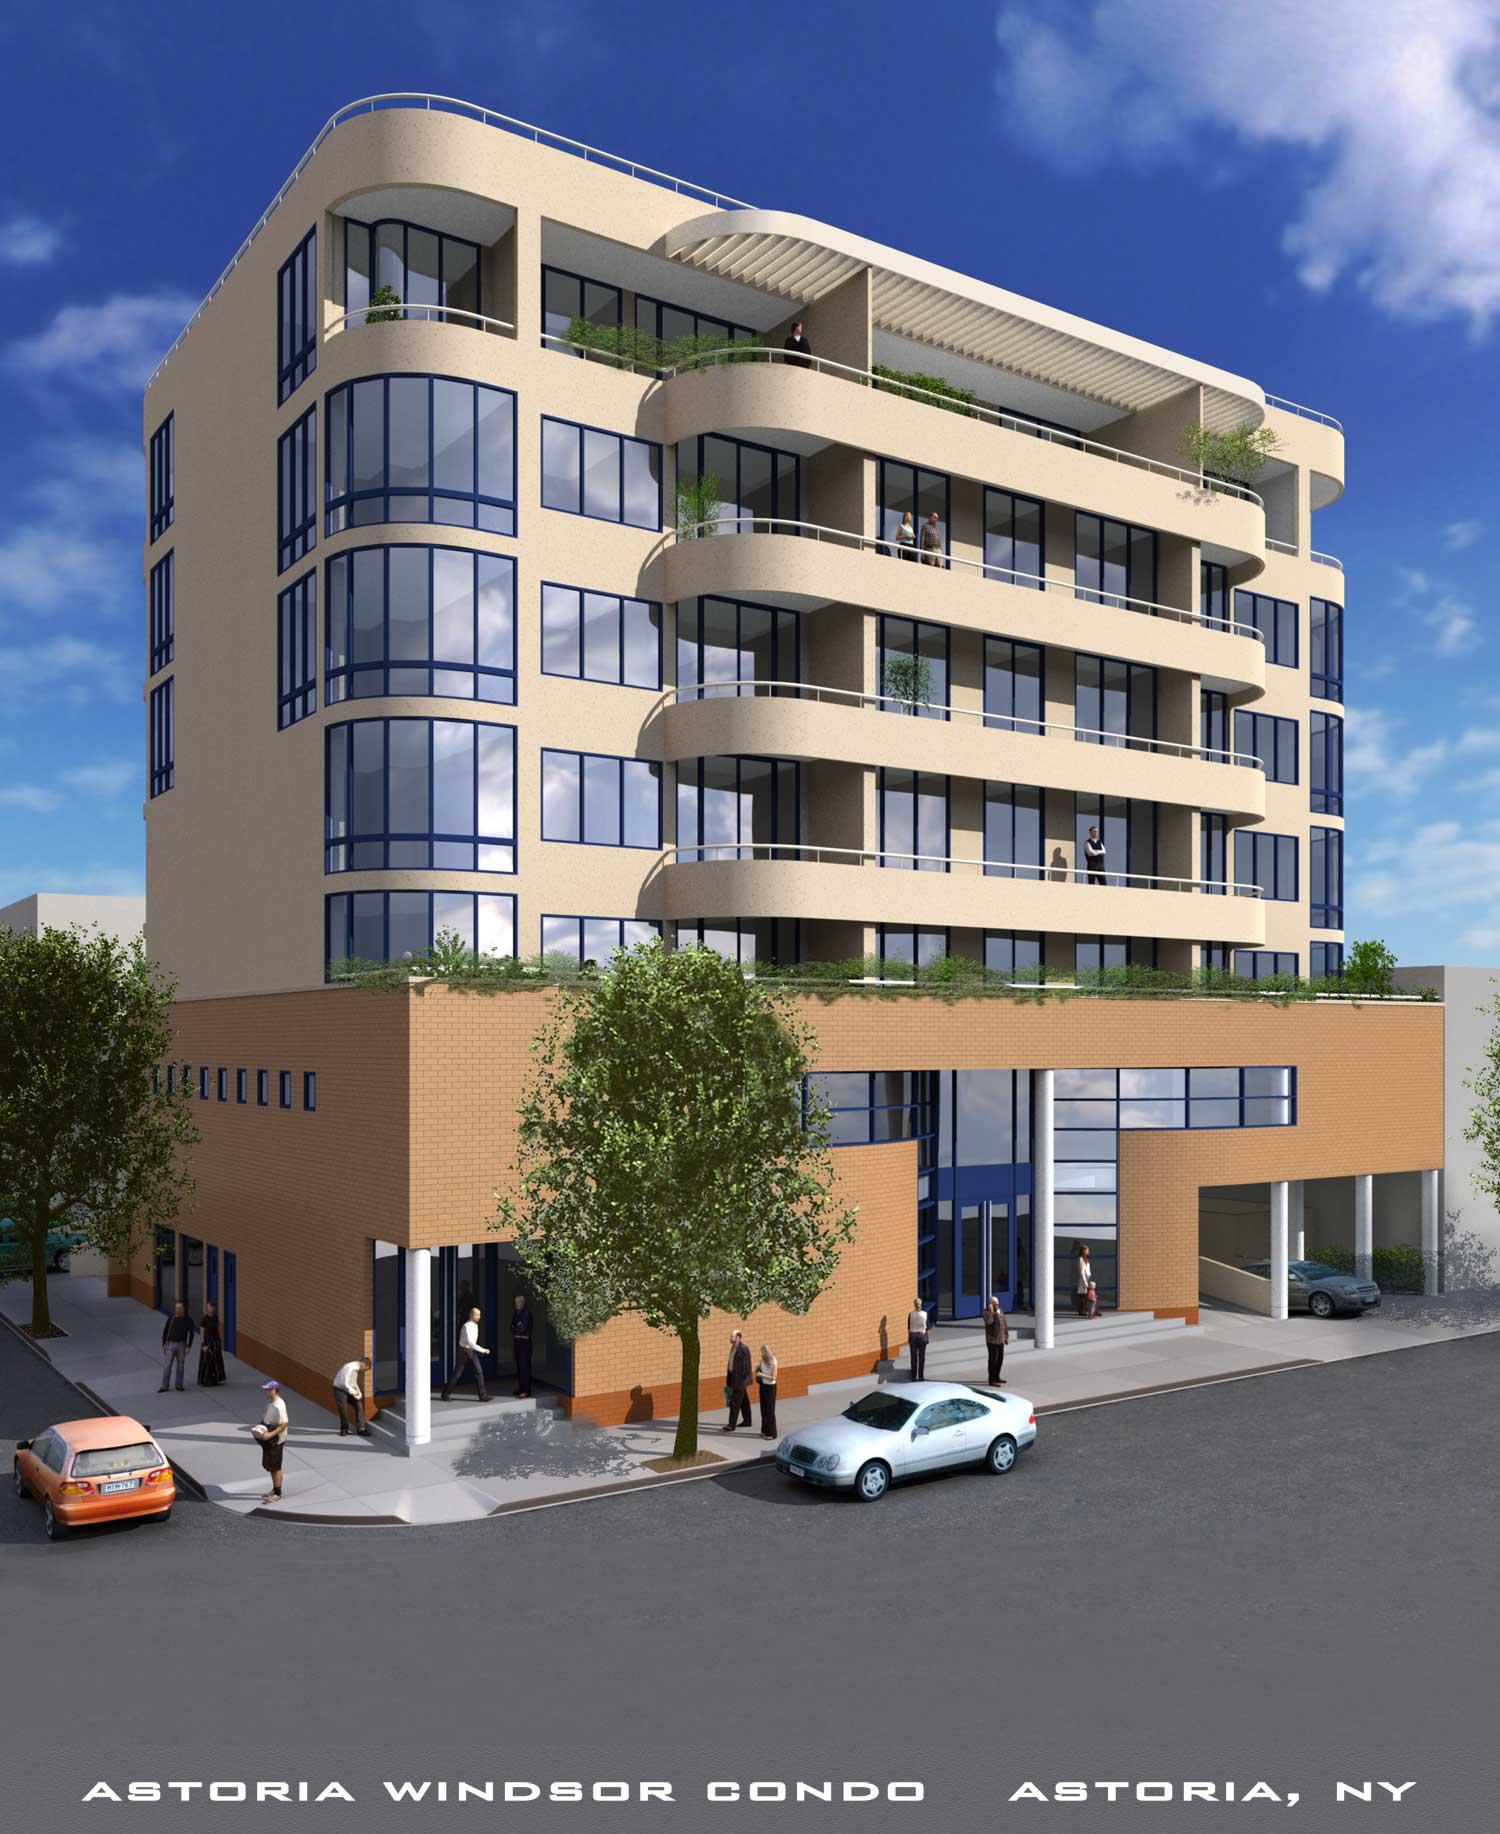 Astoria-Windsor Condominium